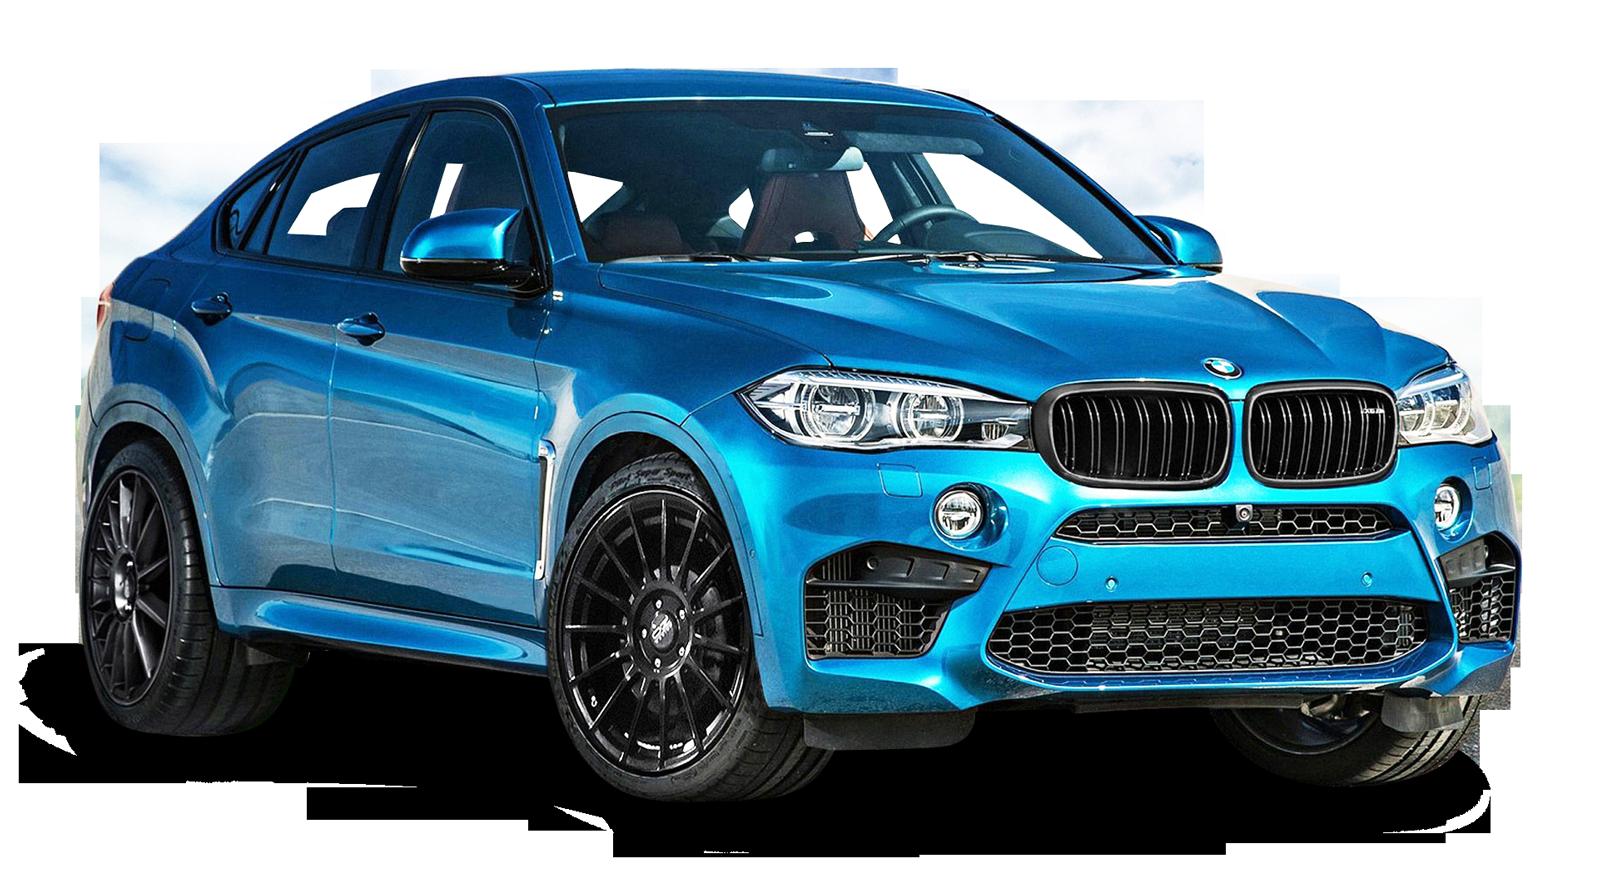 BMW X6 Blue Car